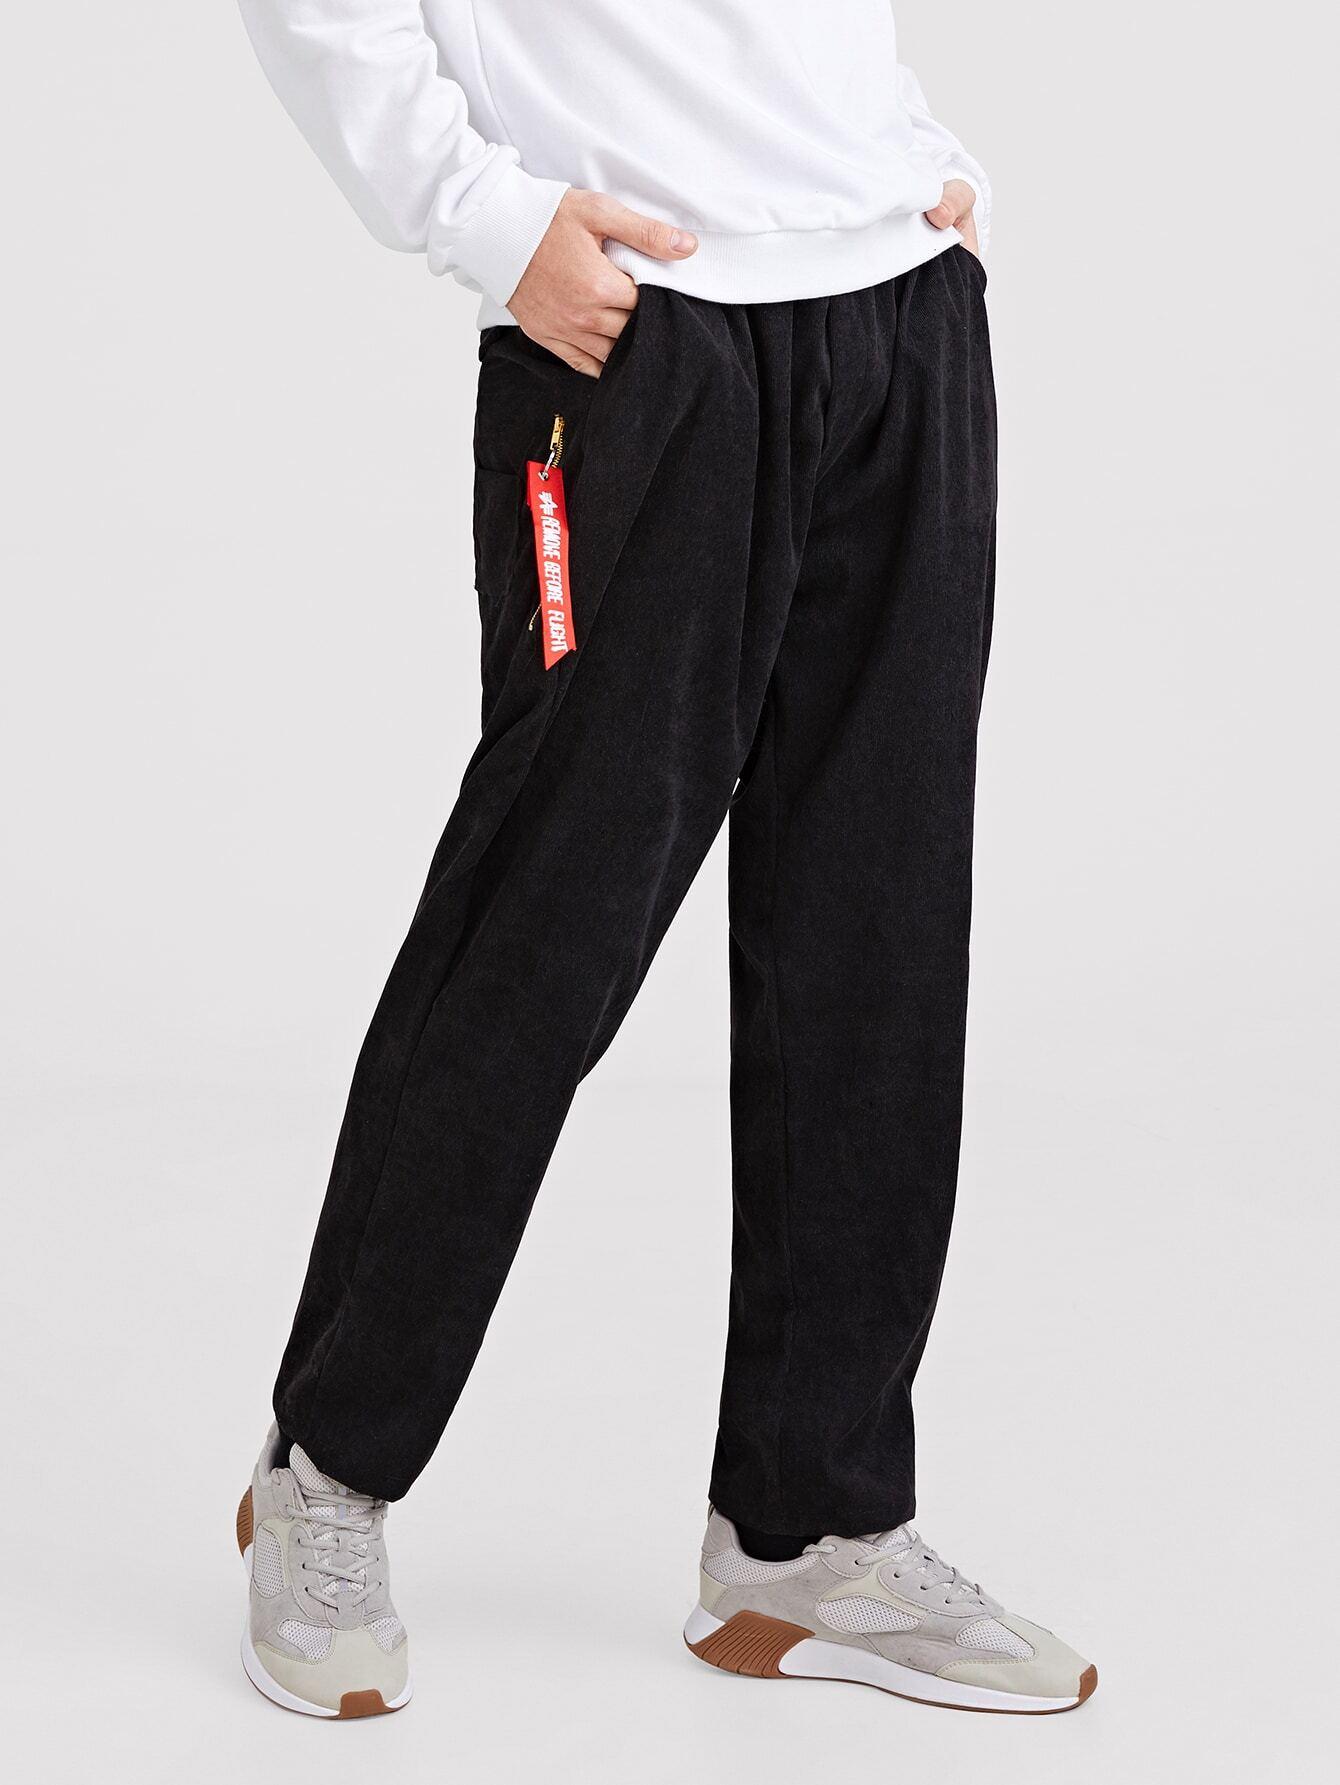 Купить Одноцветный на кулиске Черный Мужские брюки, Valerian, SheIn